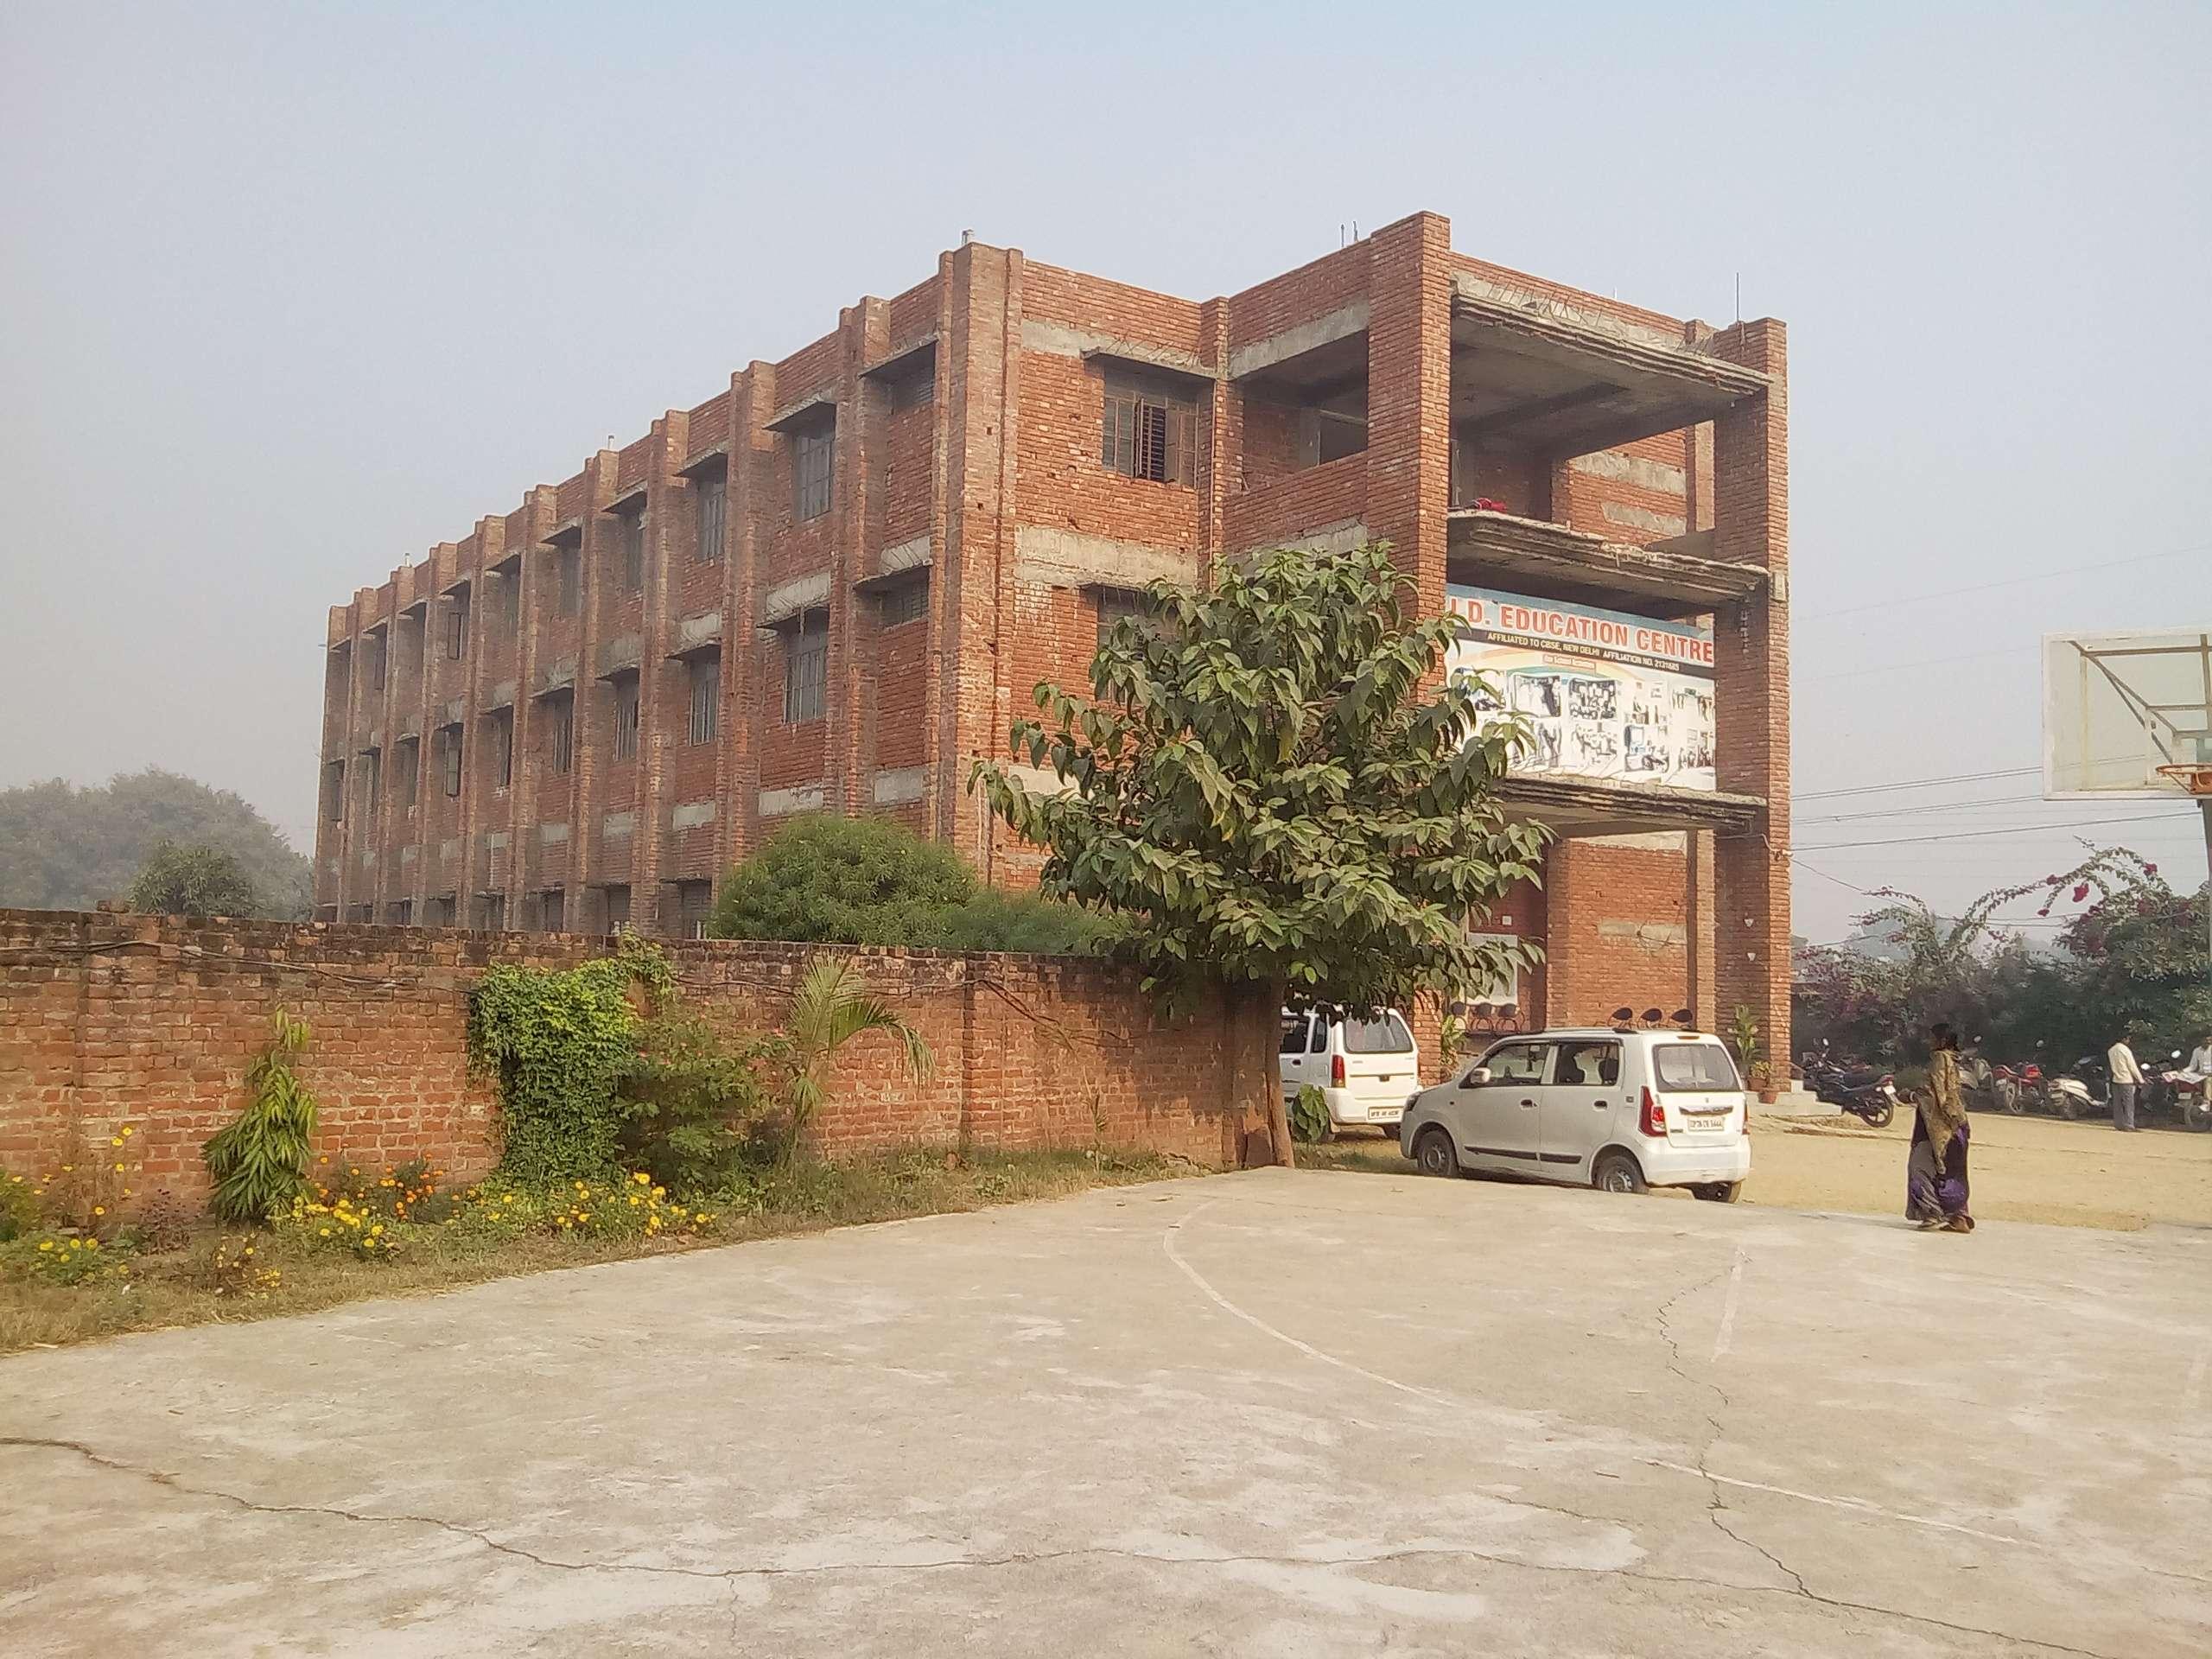 J D EDUCATION CENTRE KANPUR uttar pradesh 2131685